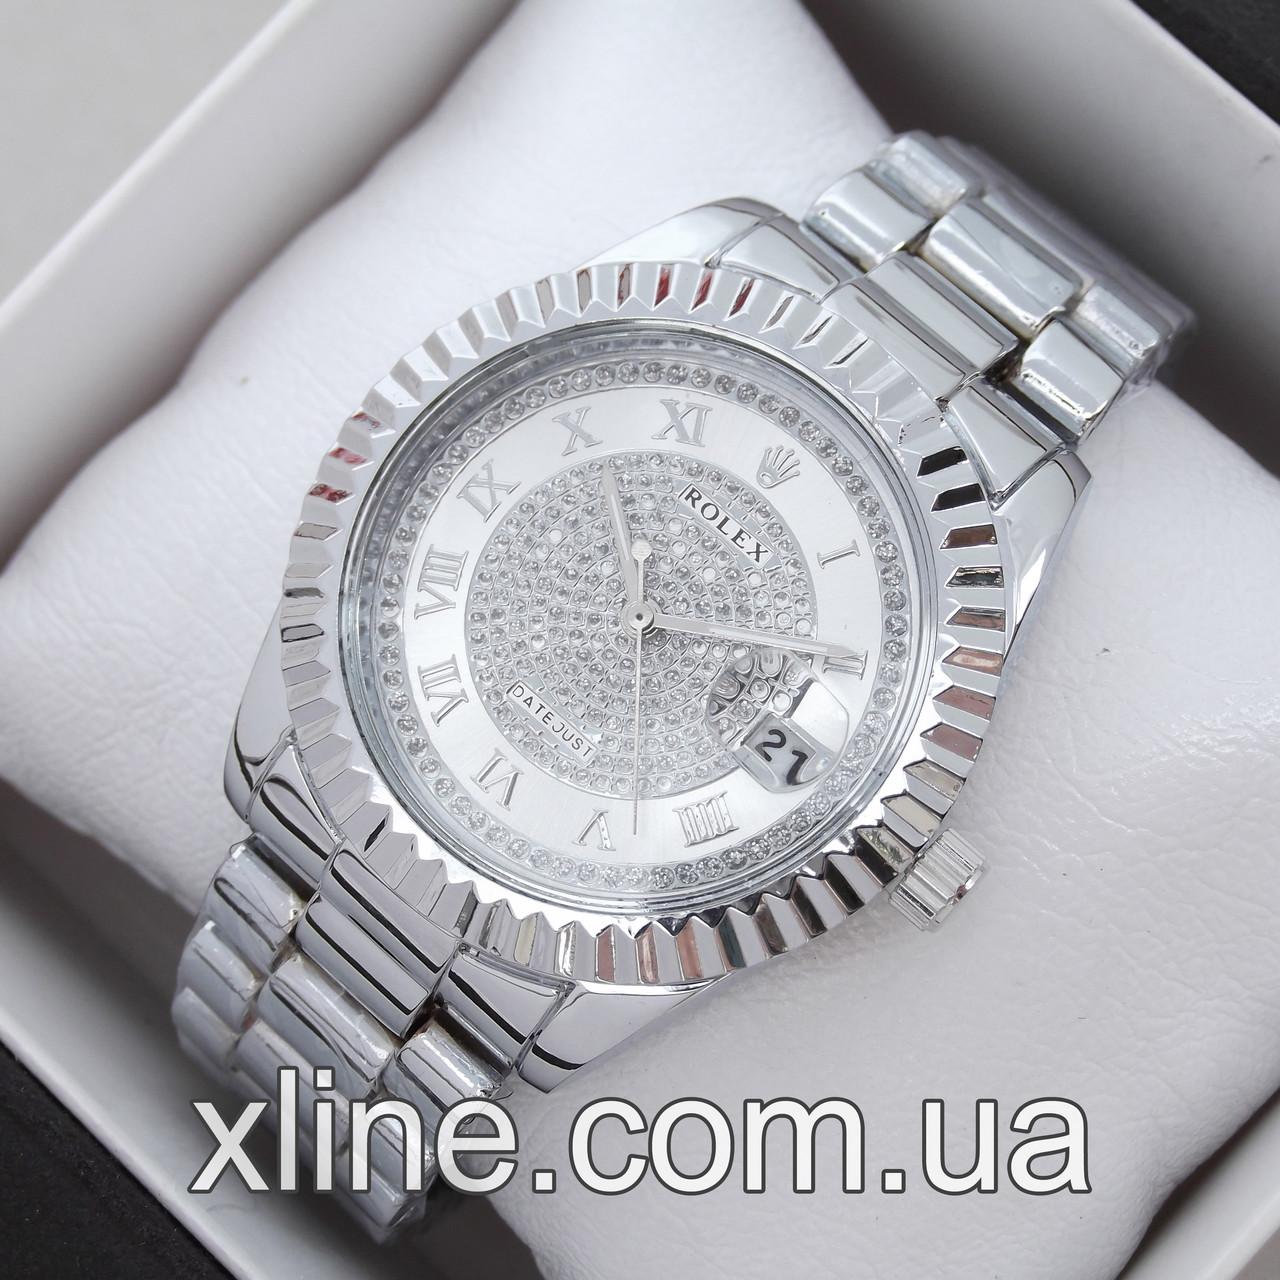 Жіночі наручні годинники Rolex 7162 на металевому браслеті